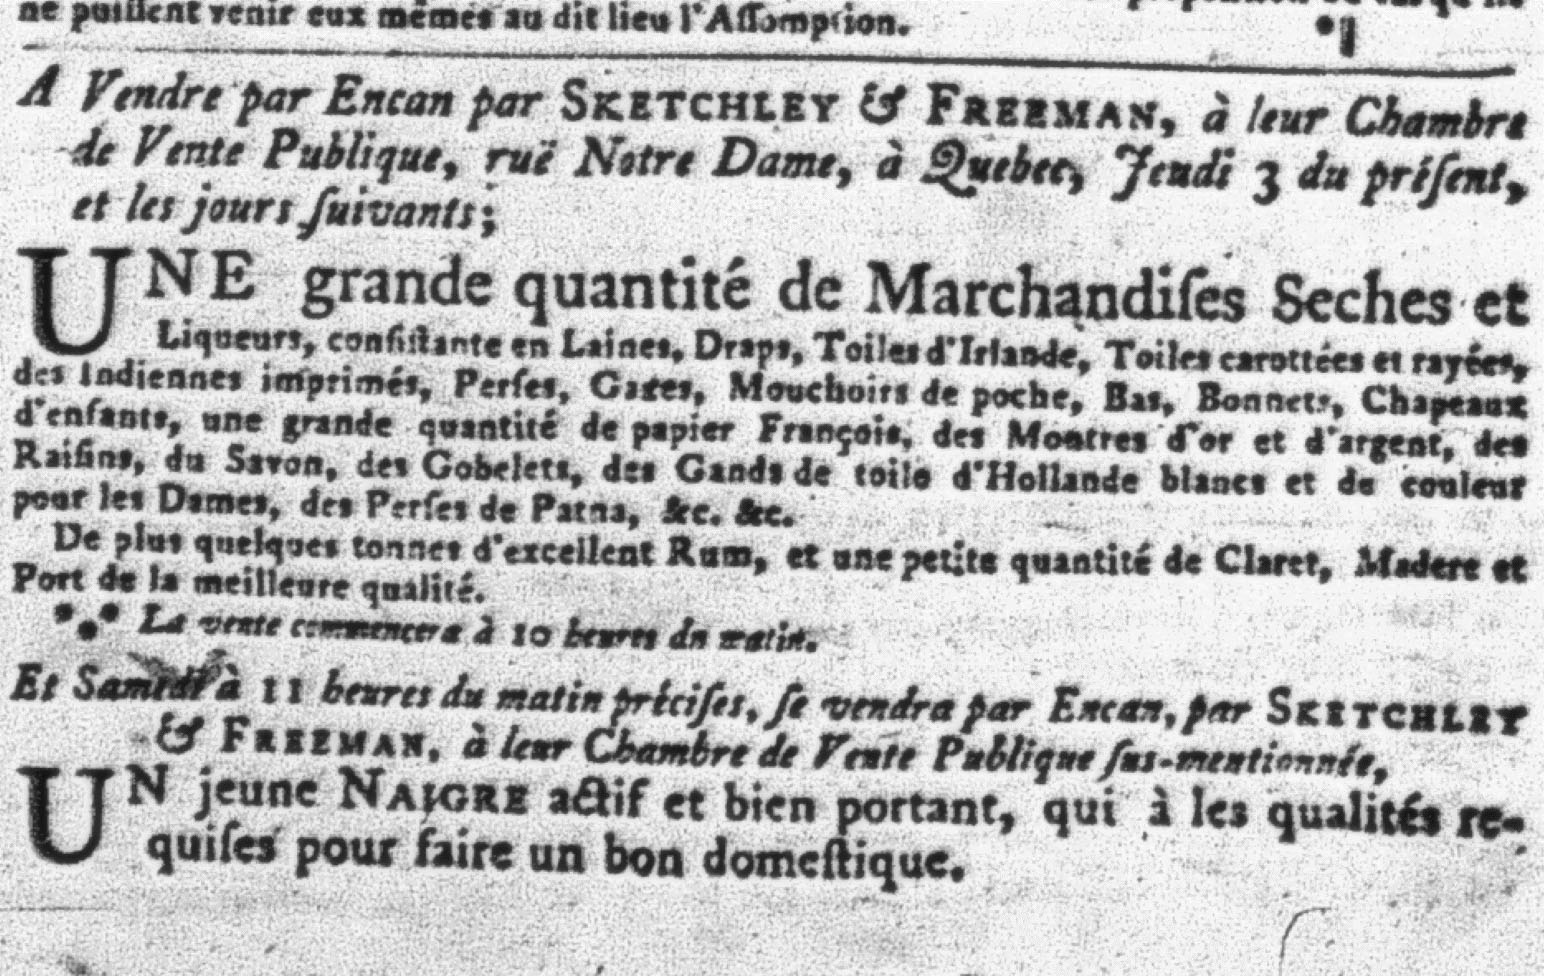 Dans La Gazette de Québec du 3 octobre 1782, on annonce la vente d'une personne noire.